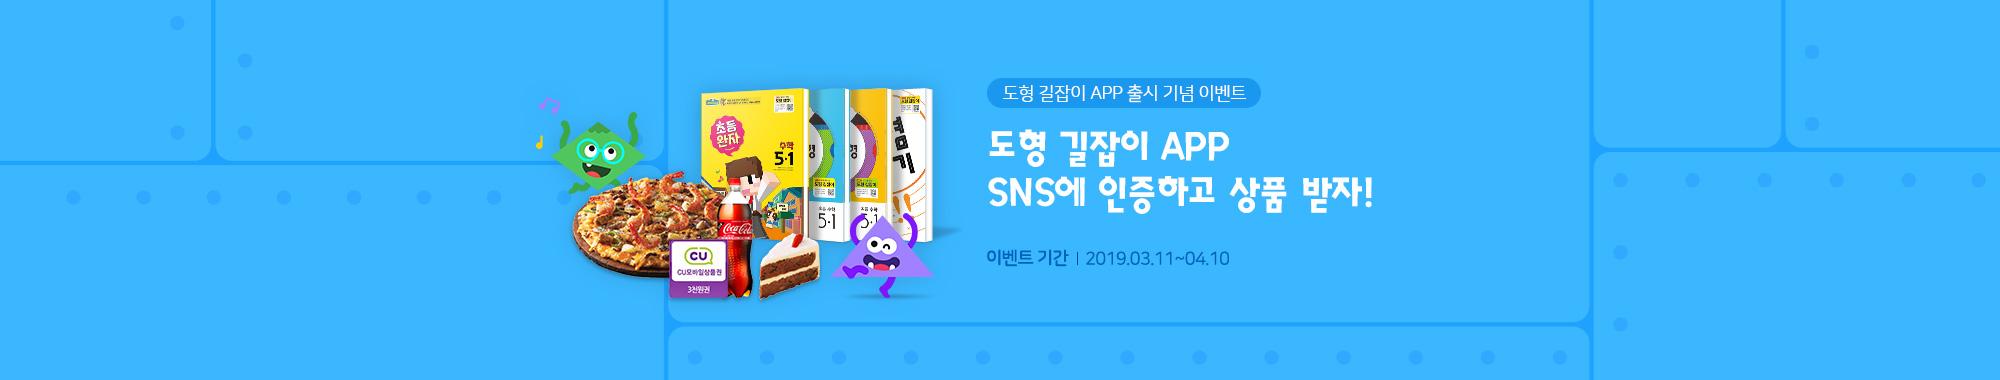 도형 길잡이 App 홍보 이벤트